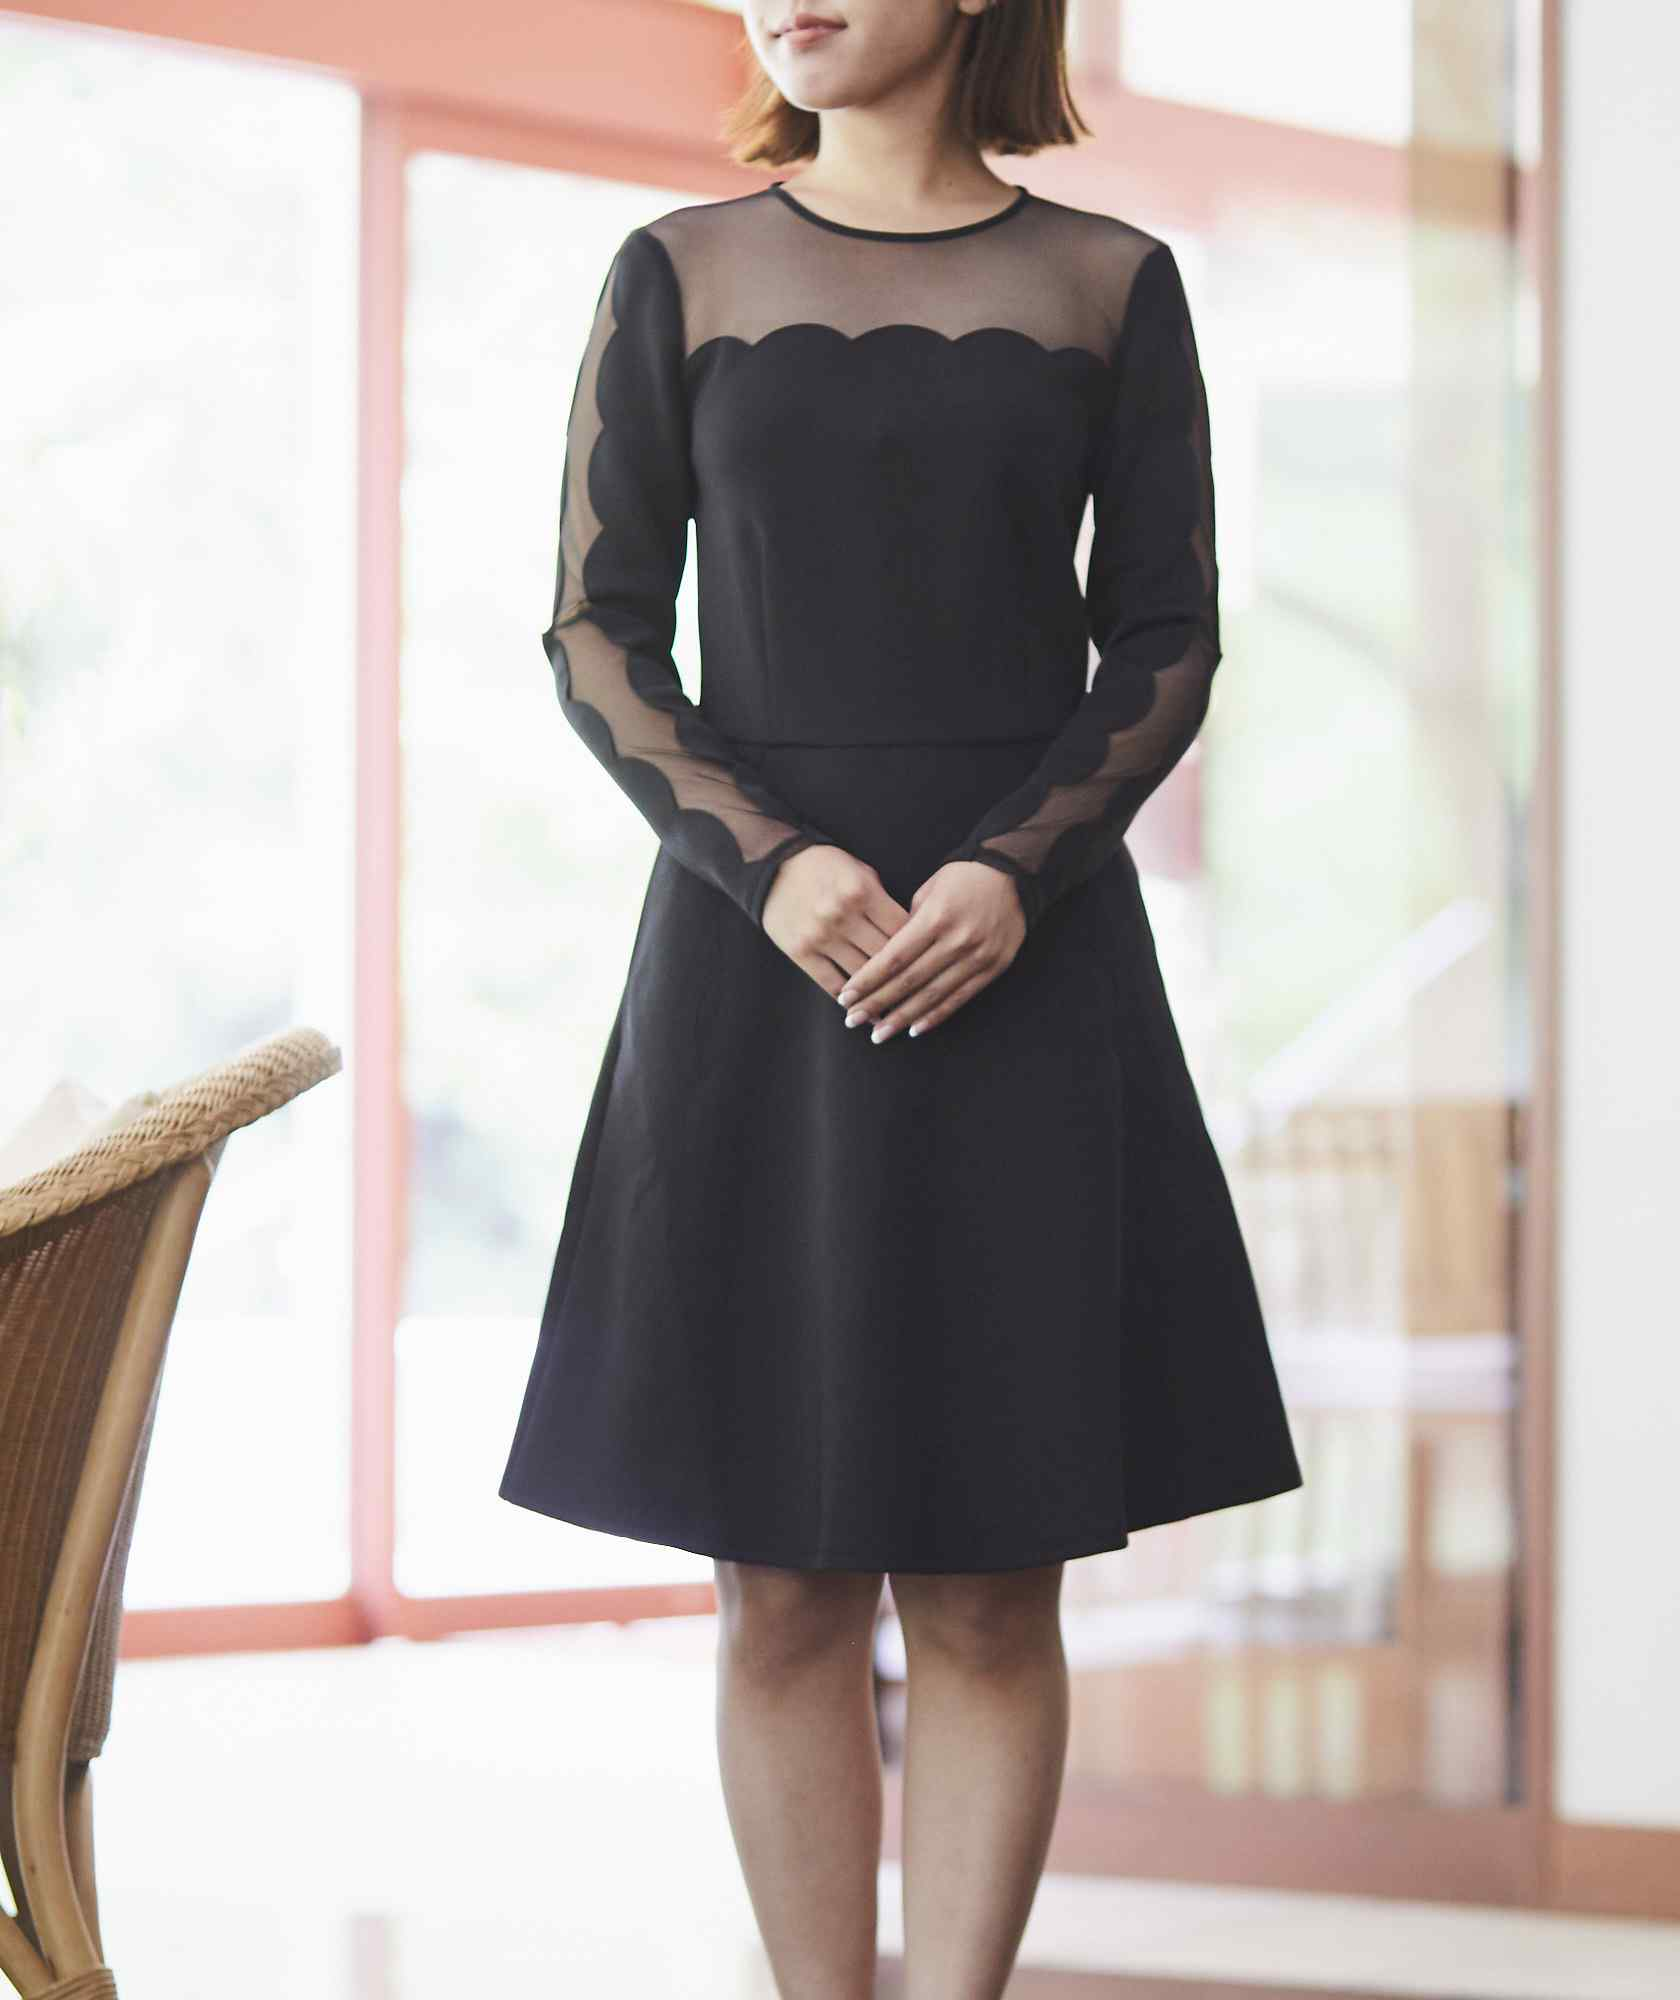 ラウンドデザインショートドレス―ブラック-ブラック-M